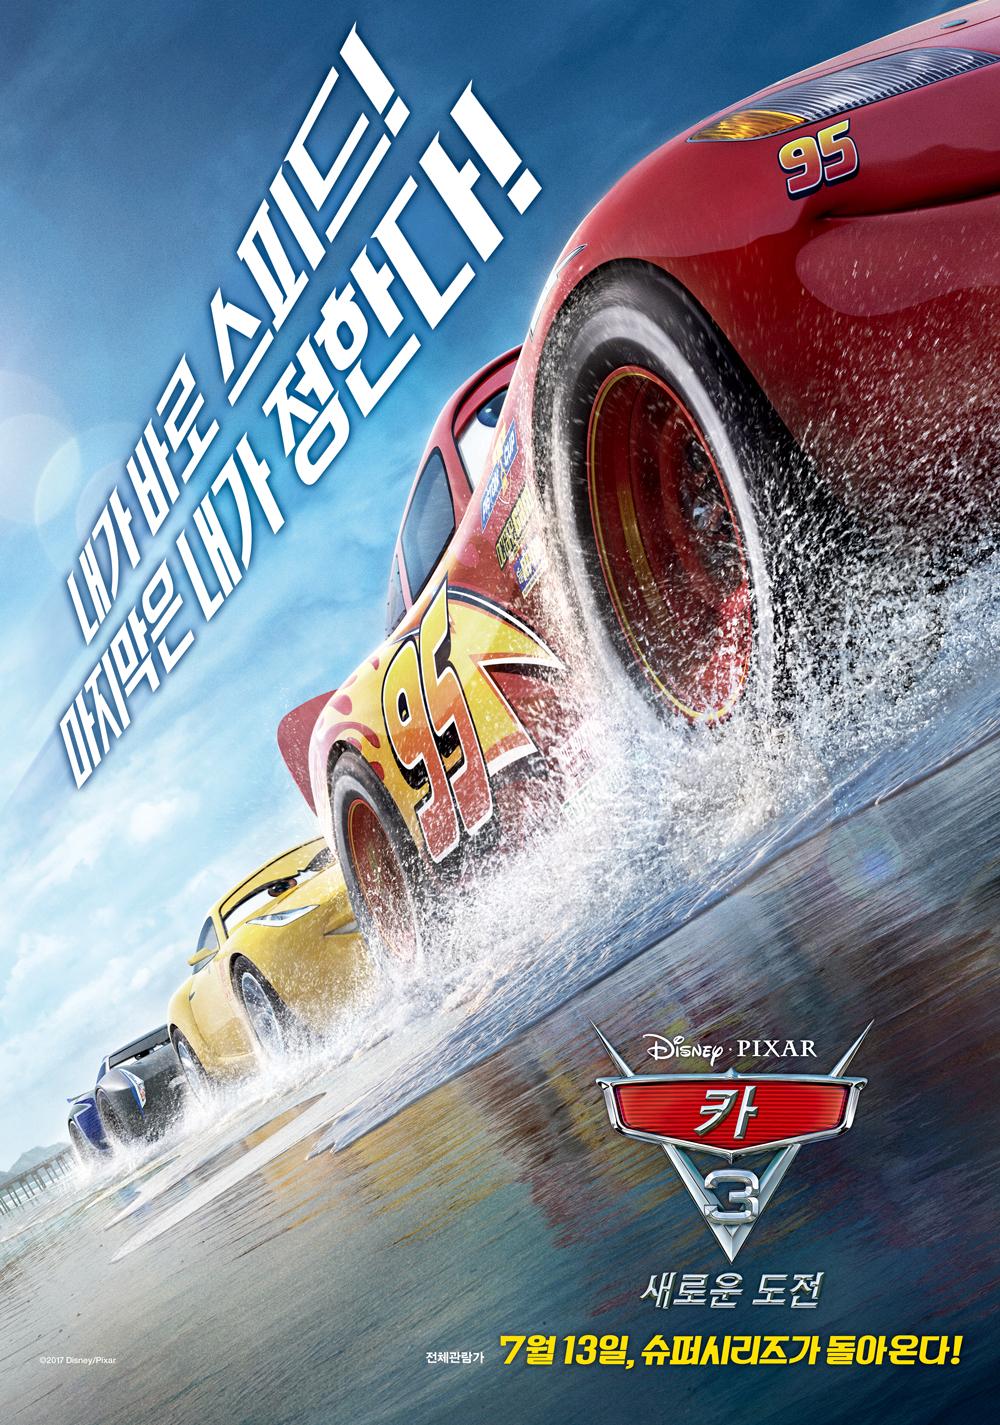 카3 : 새로운 도전 (Cars 3, 2017) (우리말더빙)